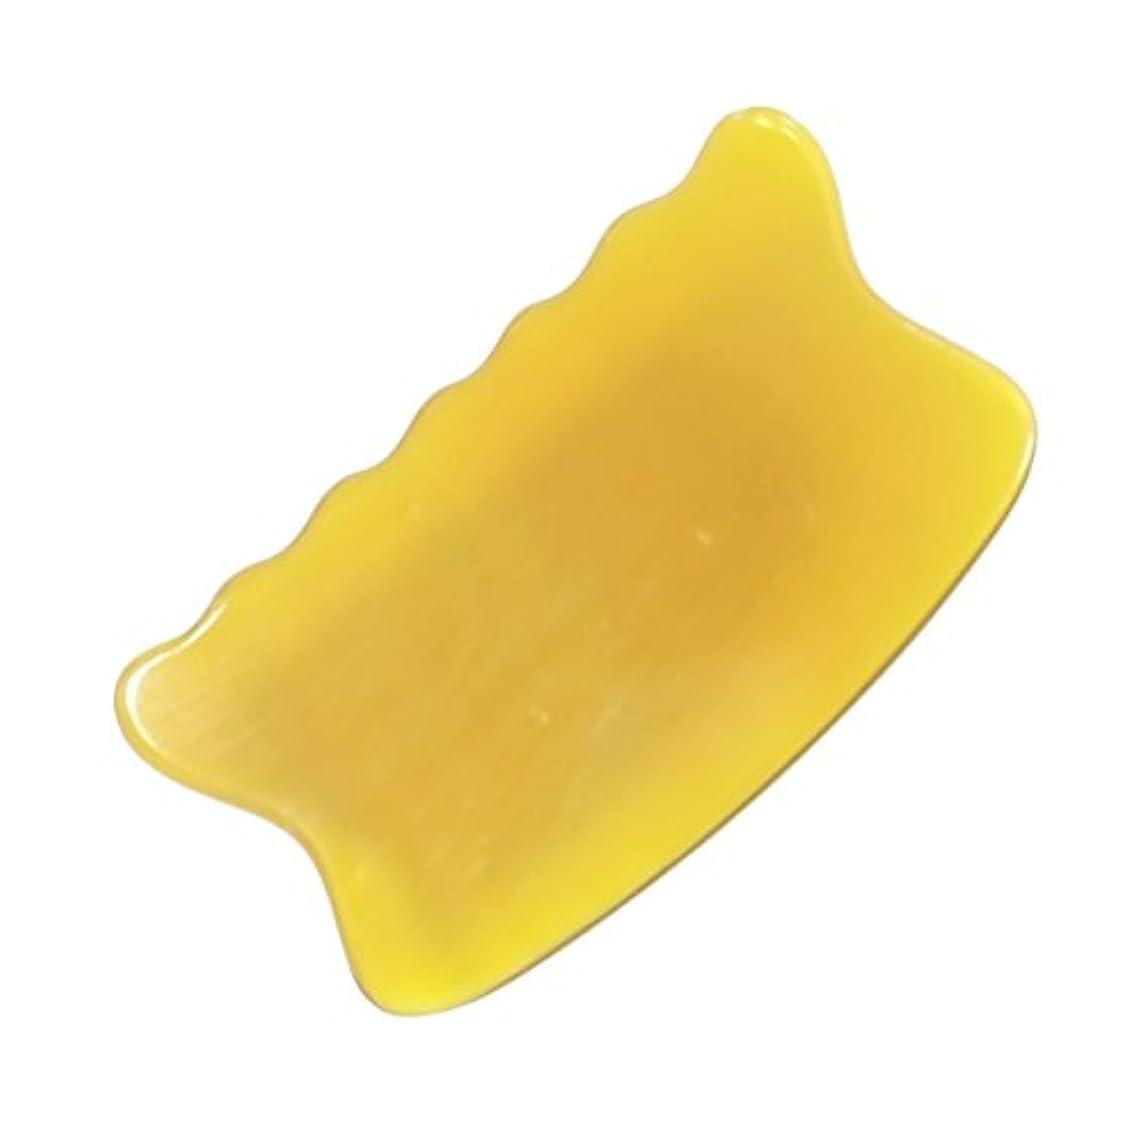 丁寧売上高モッキンバードかっさ プレート 希少66 黄水牛角 極美品 曲波型